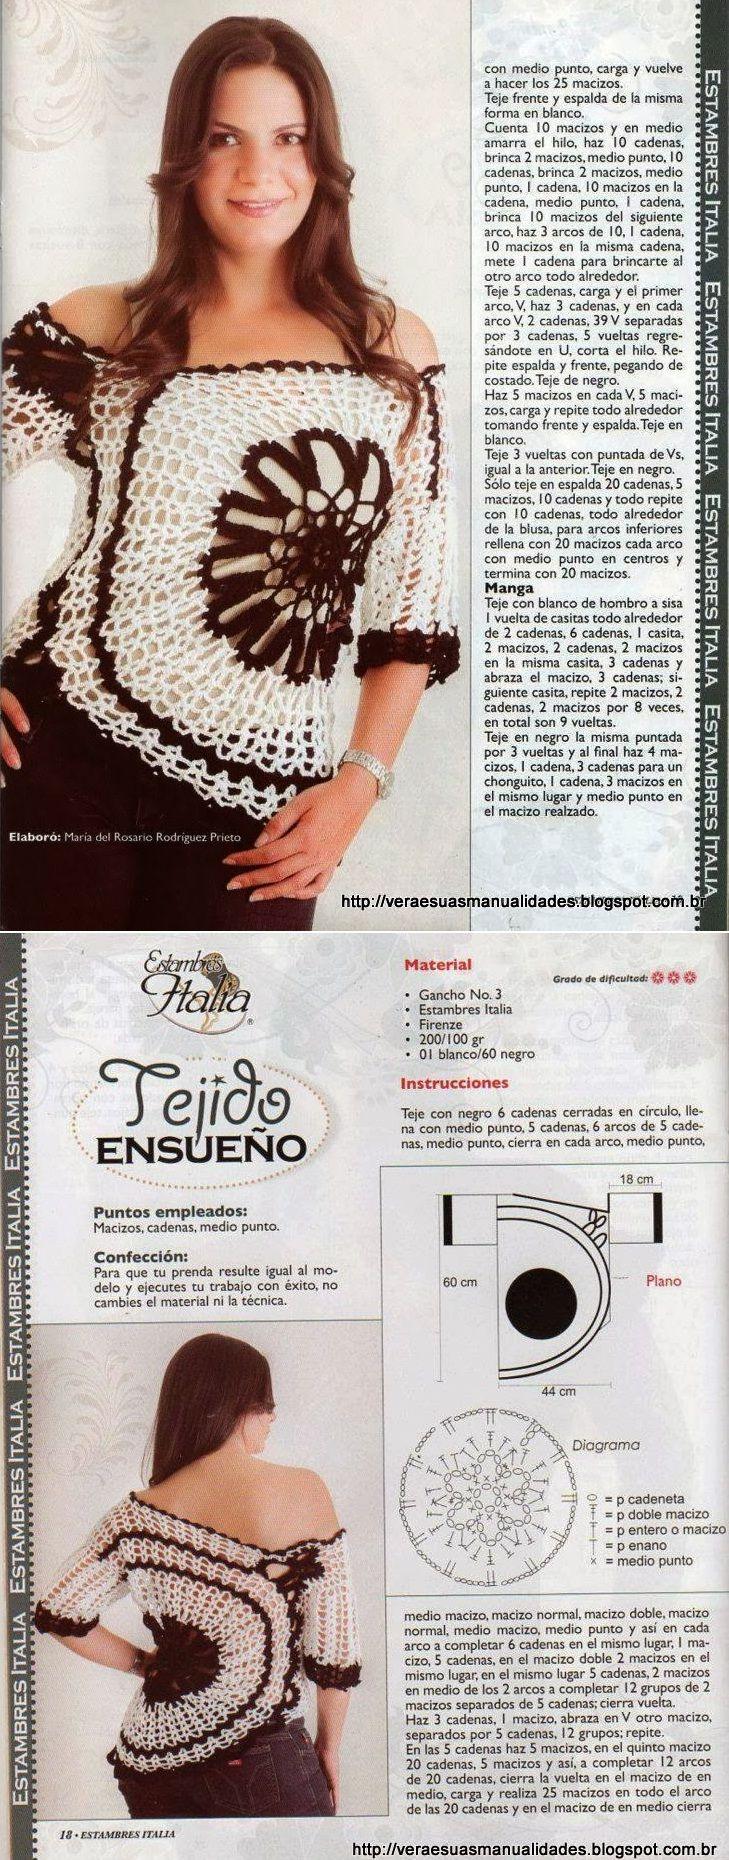 BLUSA ANA MARIA BRAGA-COM RECEITA E GRÁFICO, crochet shirt with offset large round motif on side